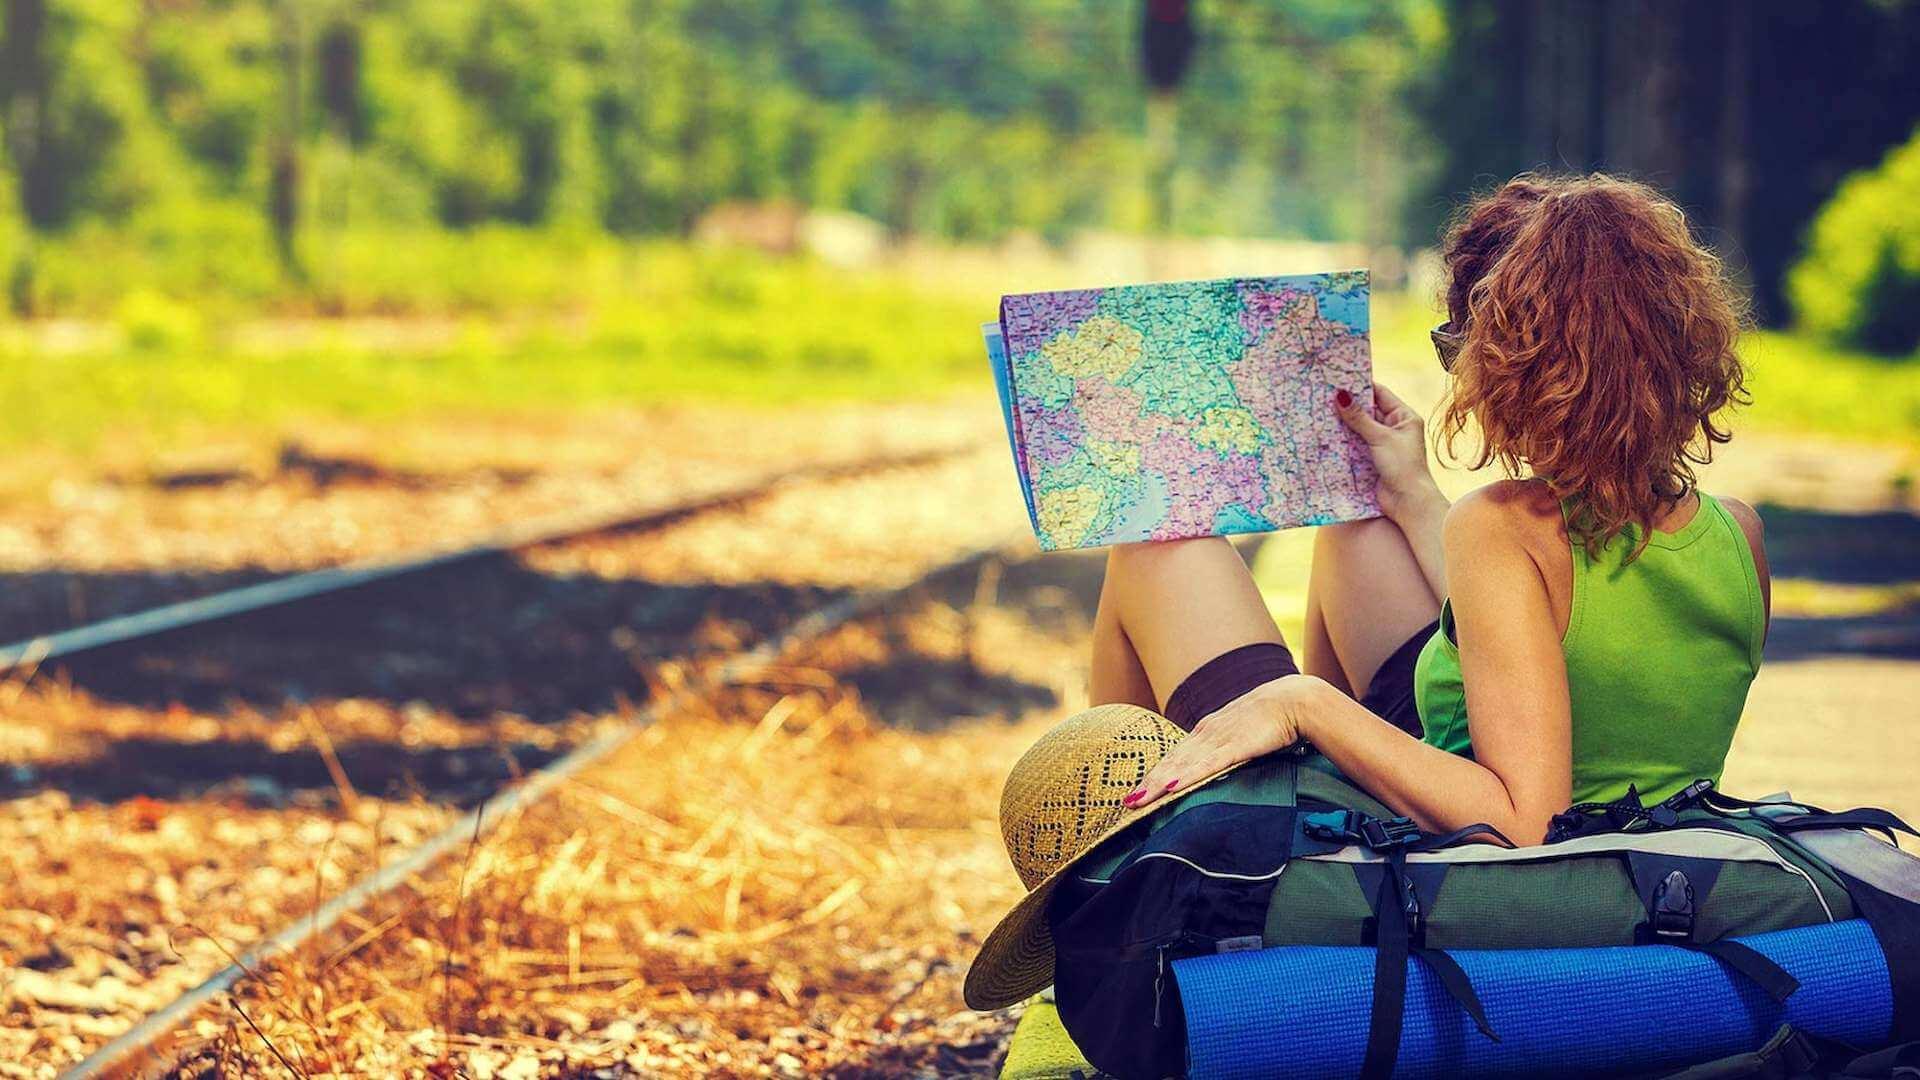 Цитаты про путешествия, которые заставят вас собраться в путь